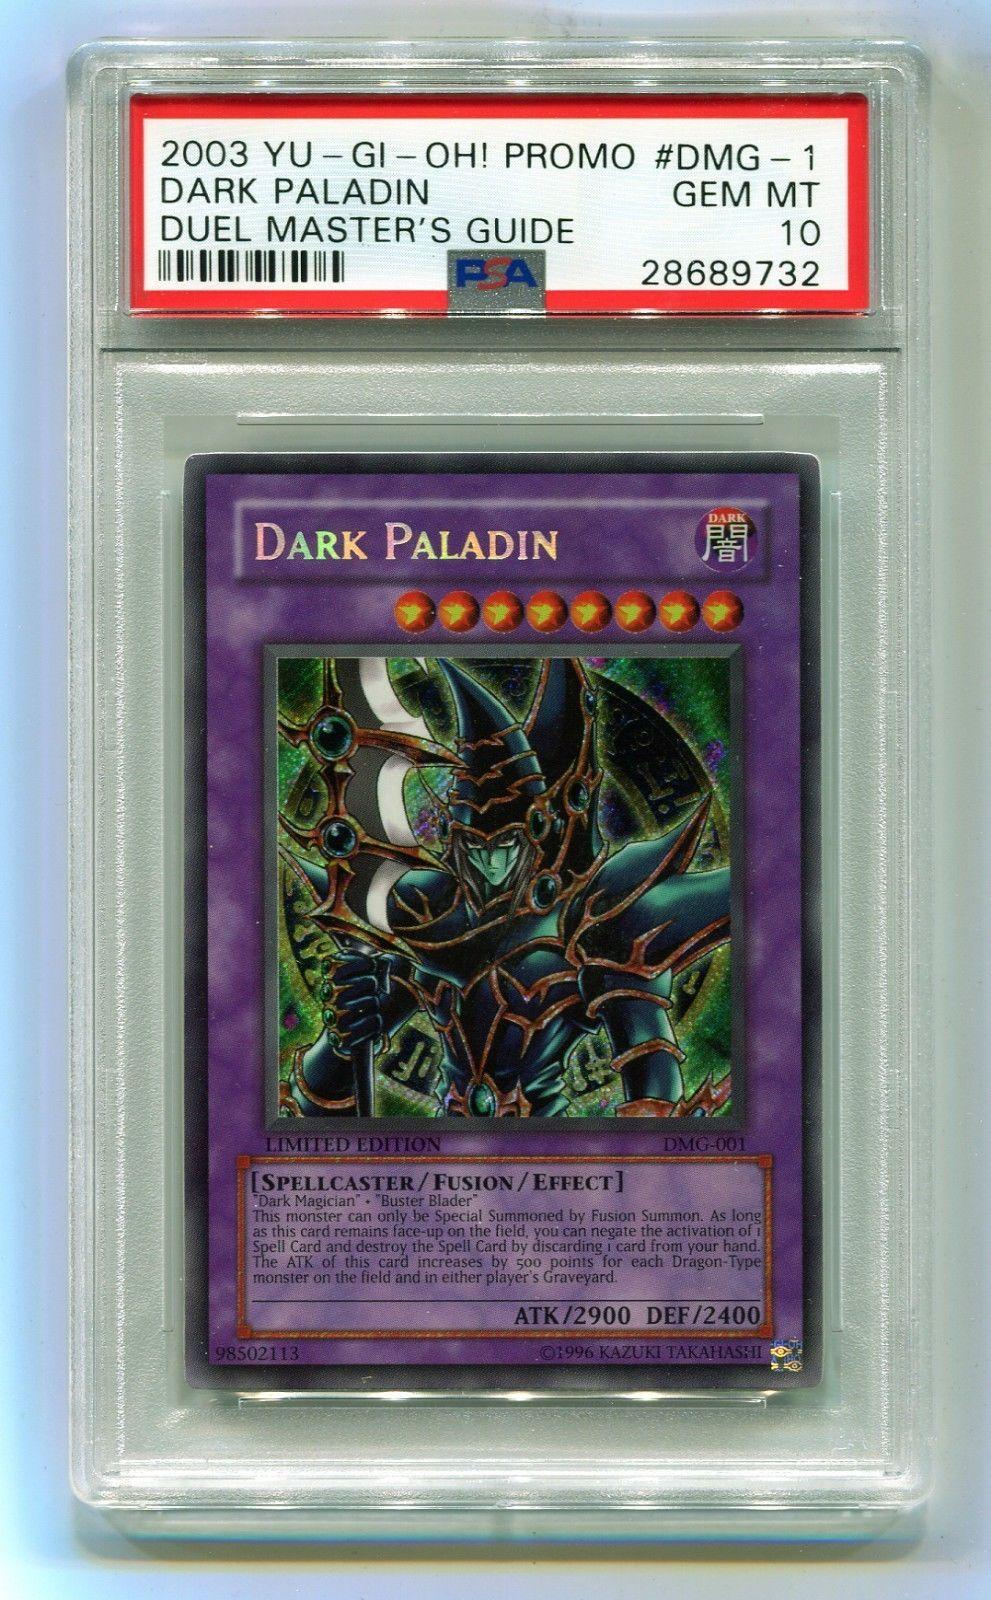 2003 yugioh dark paladin dmg001 secret rare duel